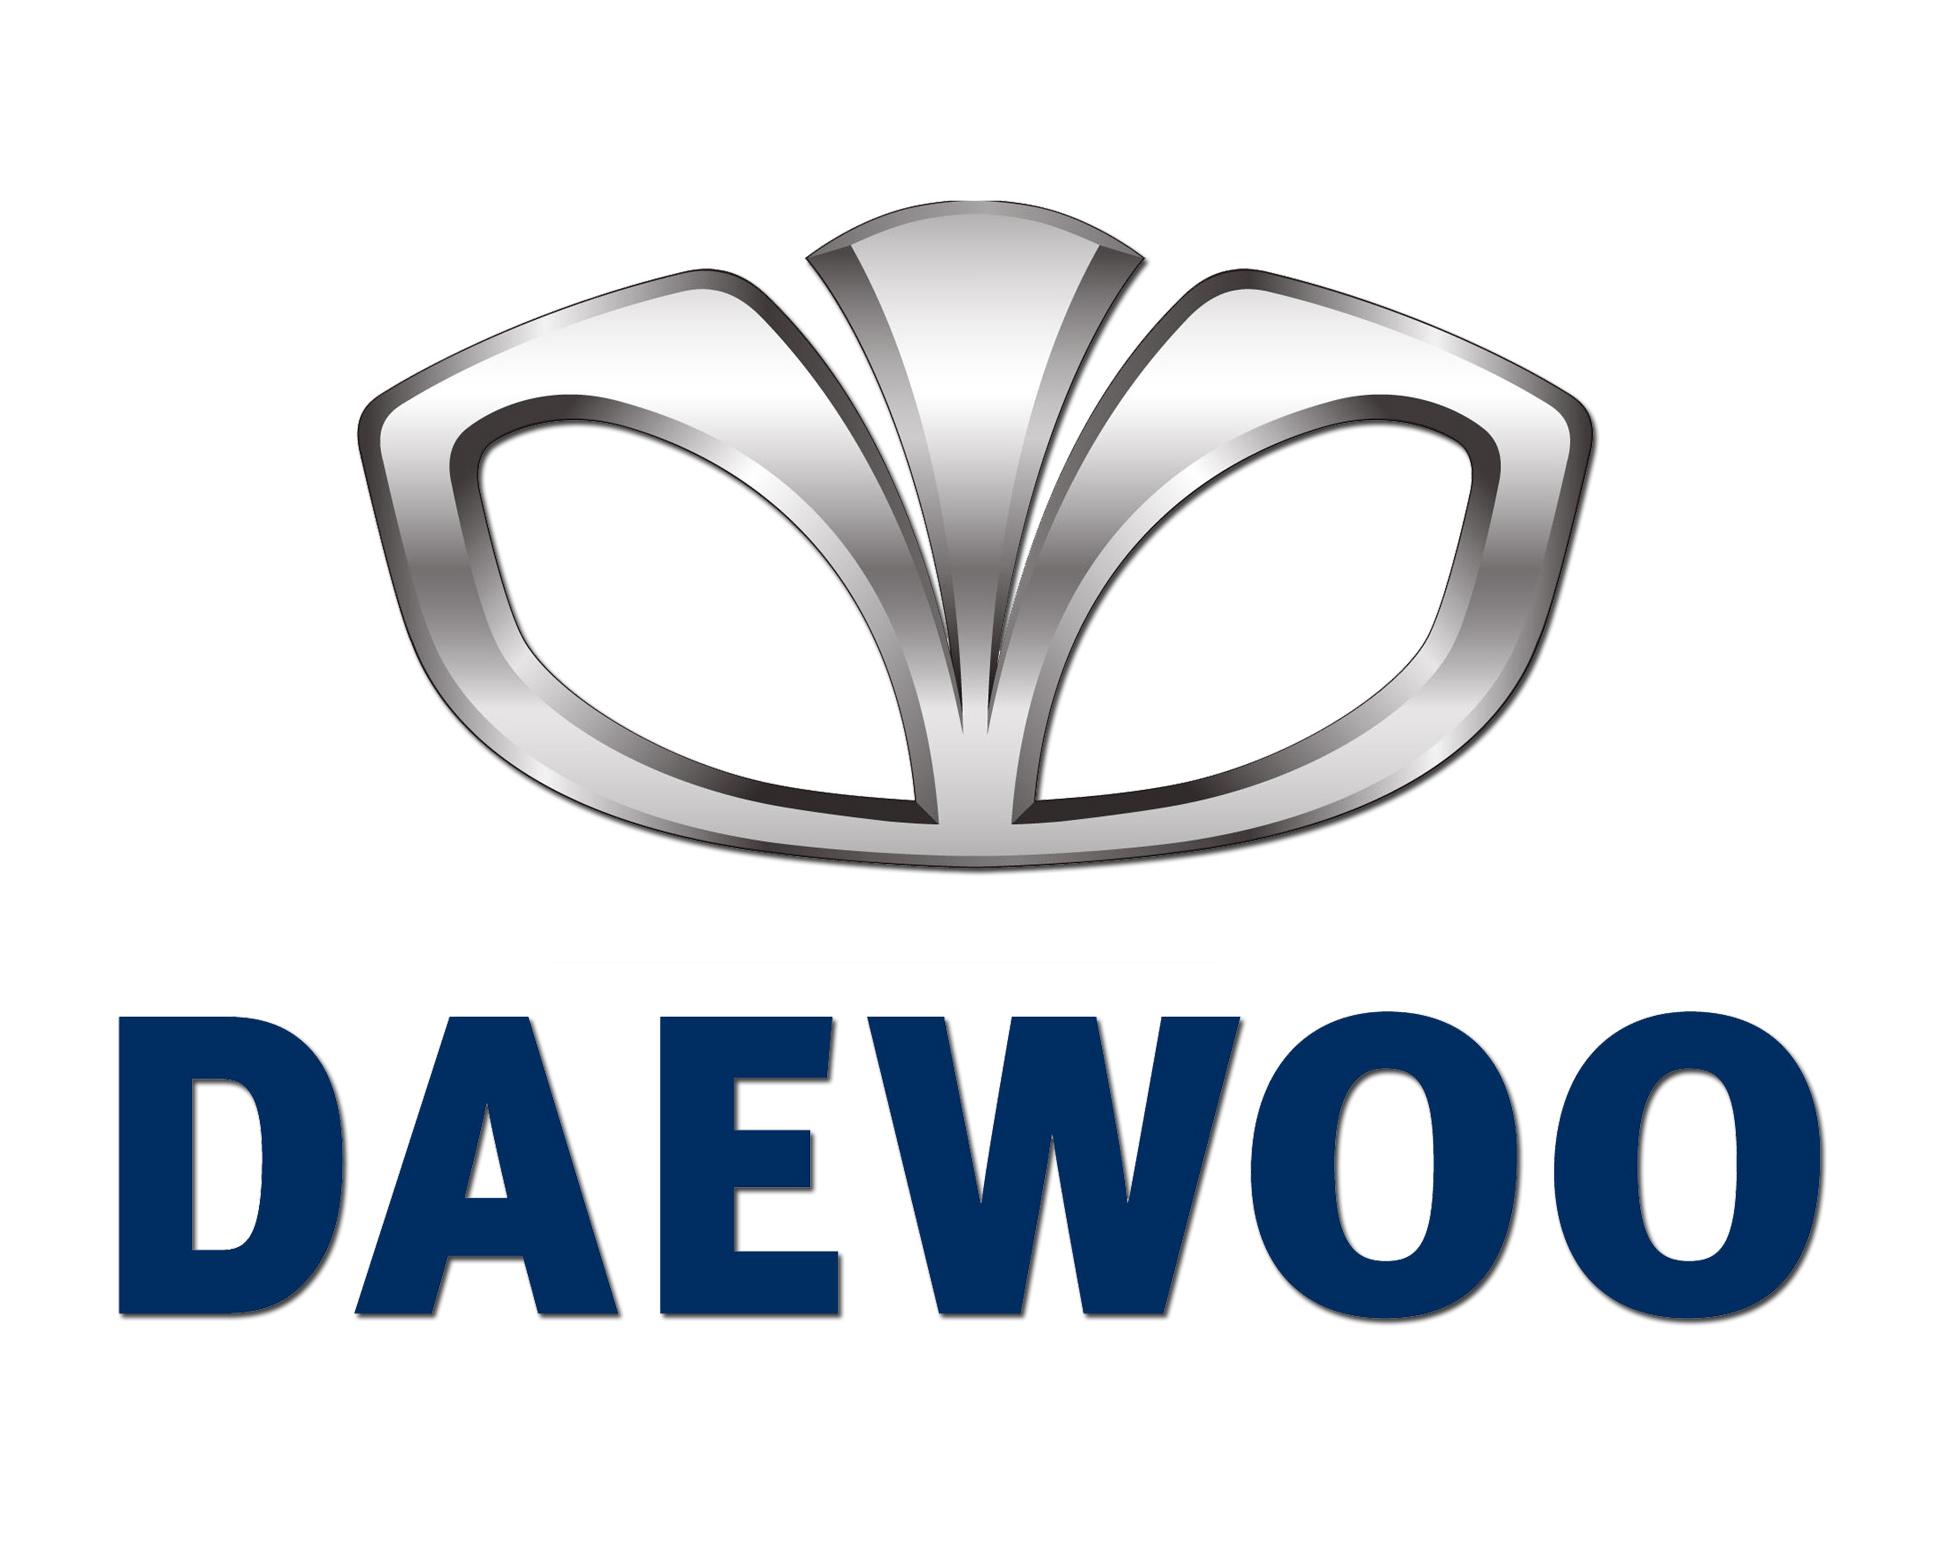 daewoo-cars-logo-emblem